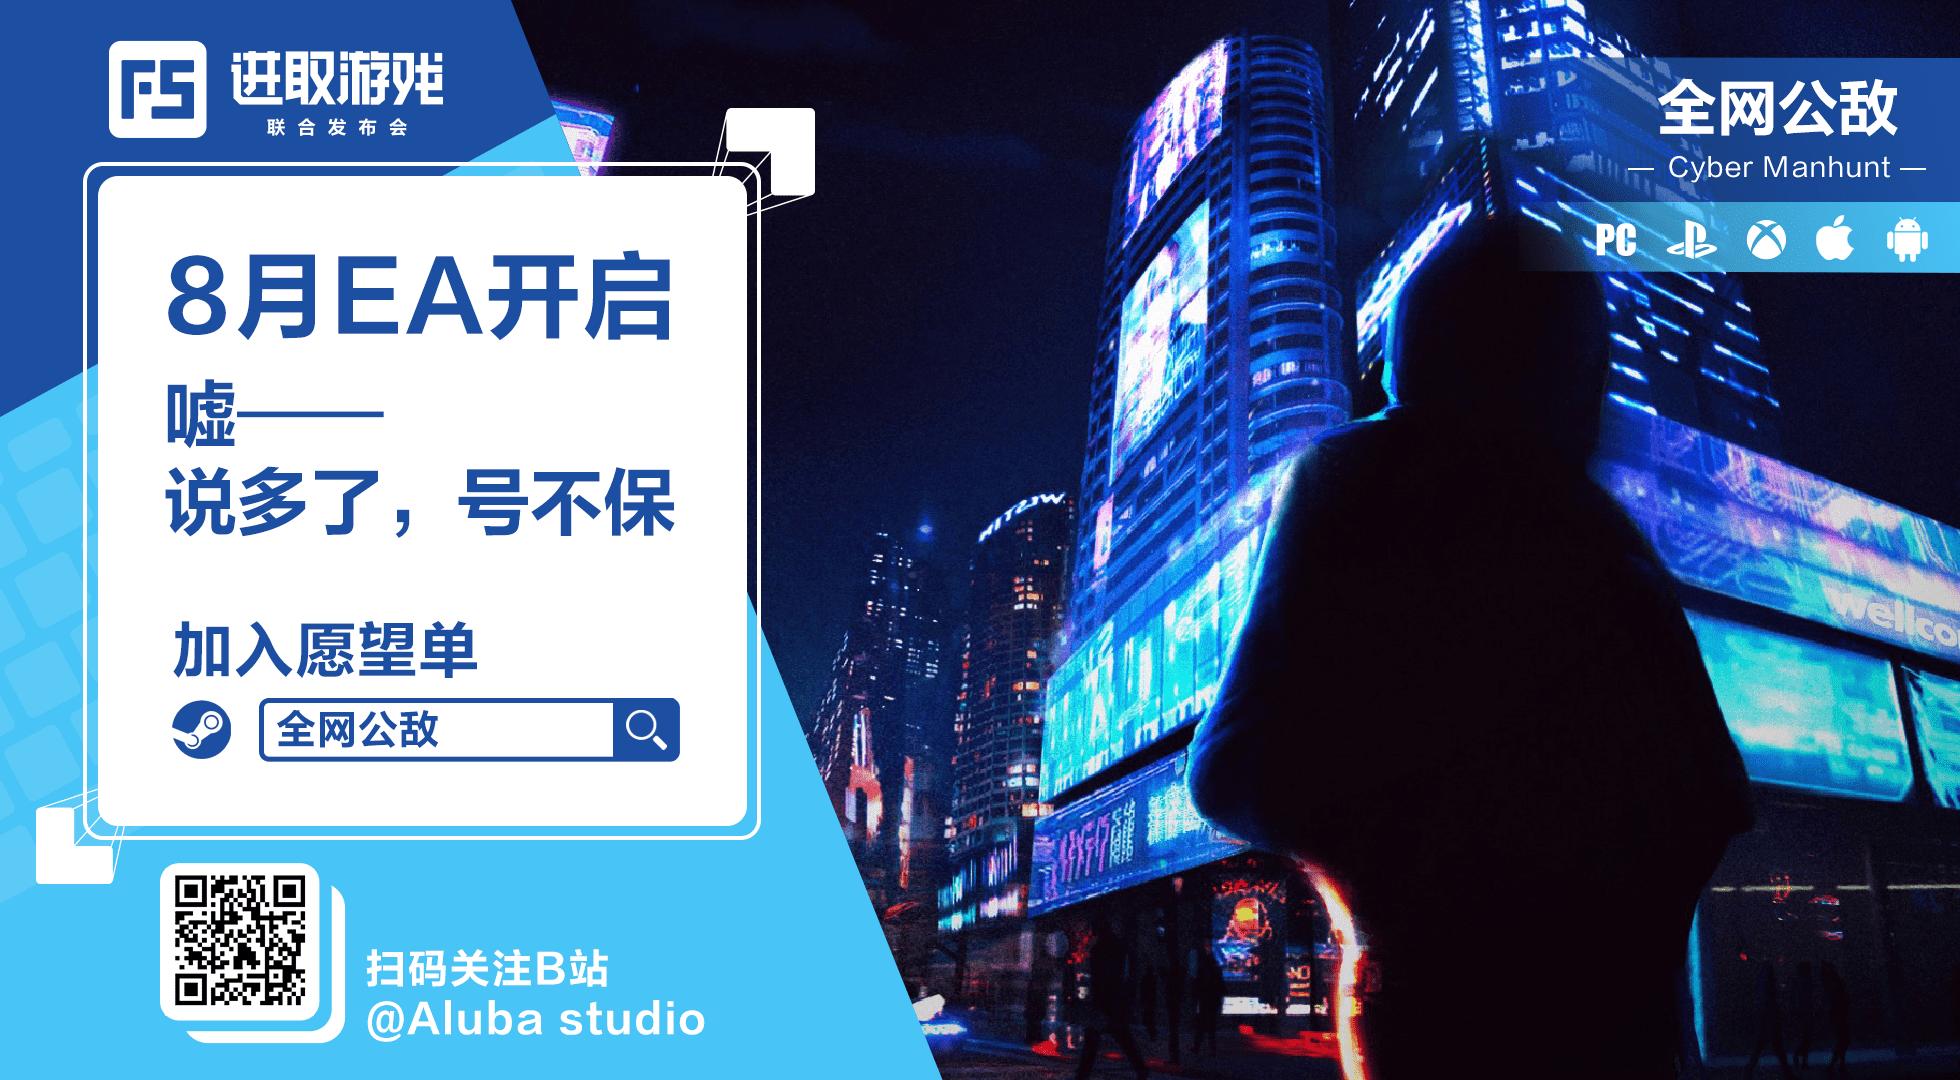 [F5]发布会是今年中国游戏圈的最大惊喜